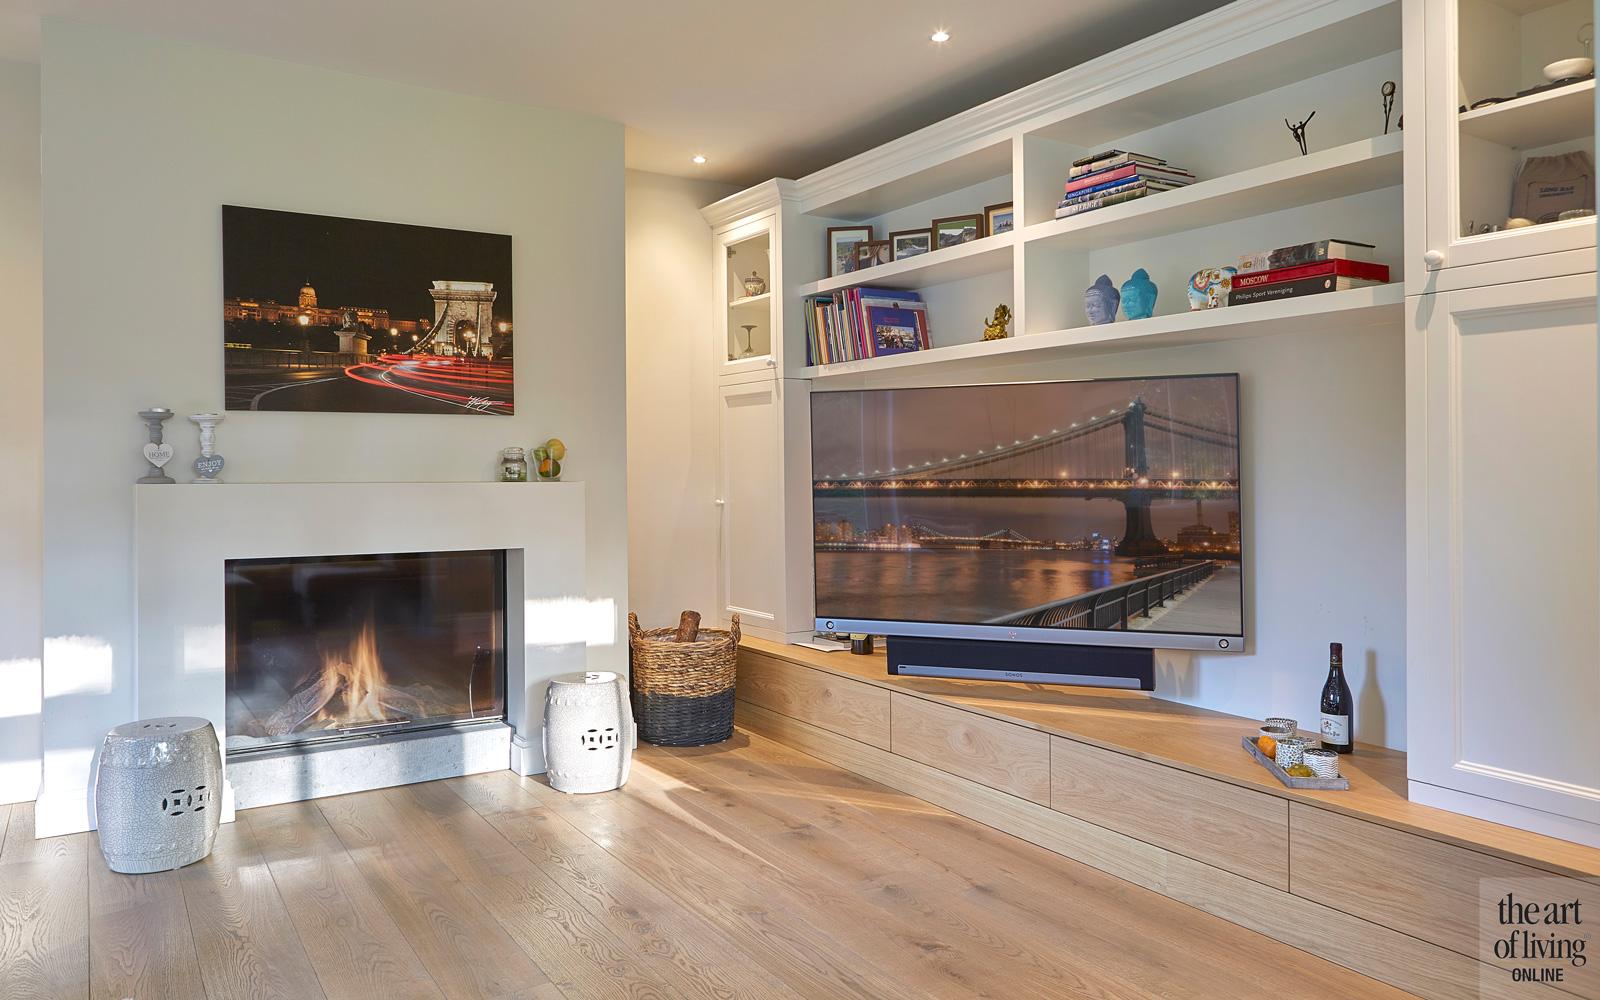 Houthaard DRU, Interieurbouw Coenen Concept, renovatie project, Margry Arts Architecten